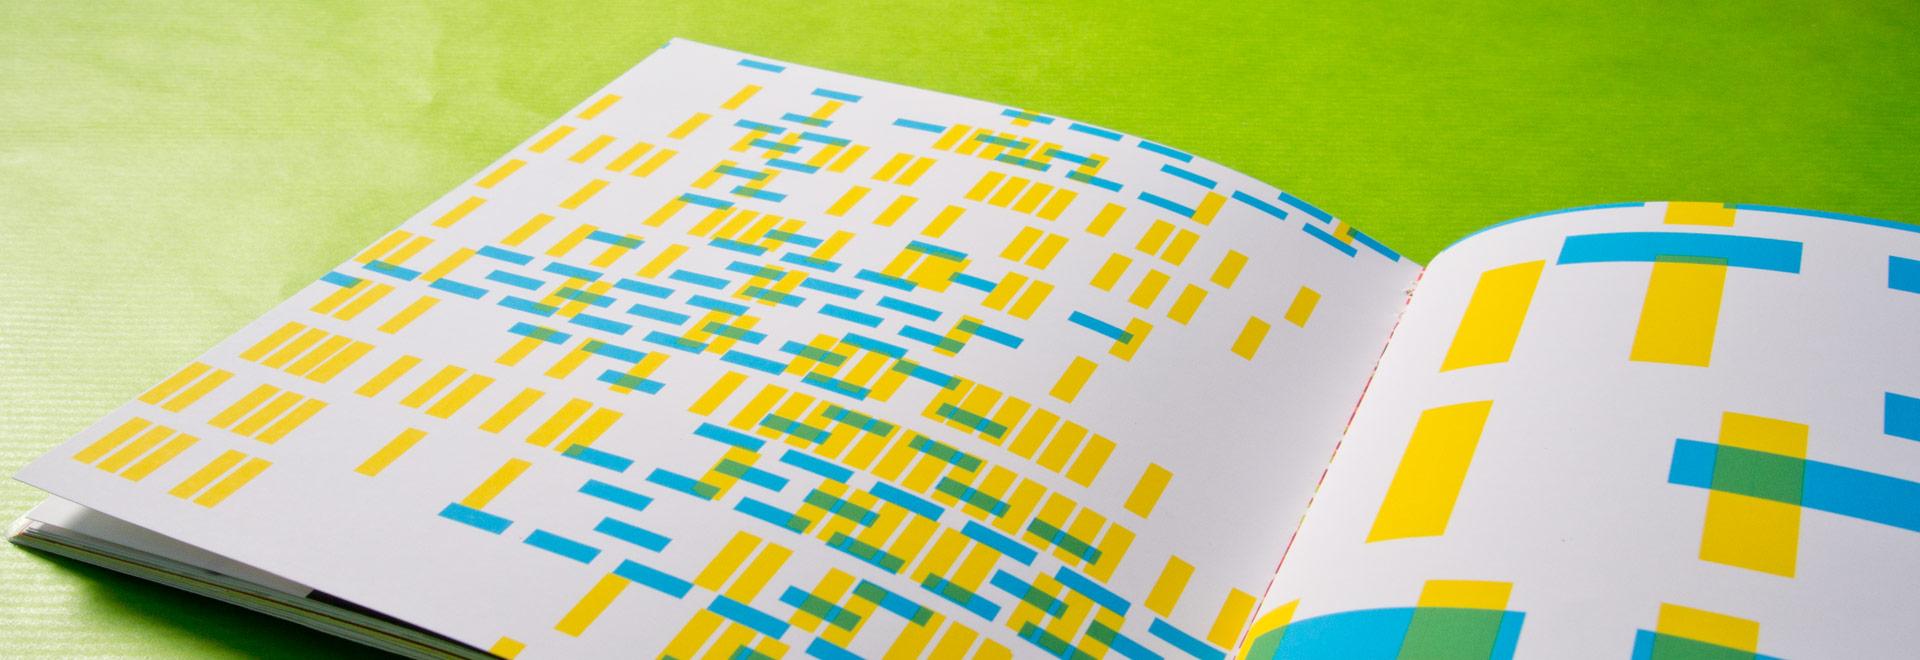 Marienbad-livre-graphique-6-detail-motifs-1